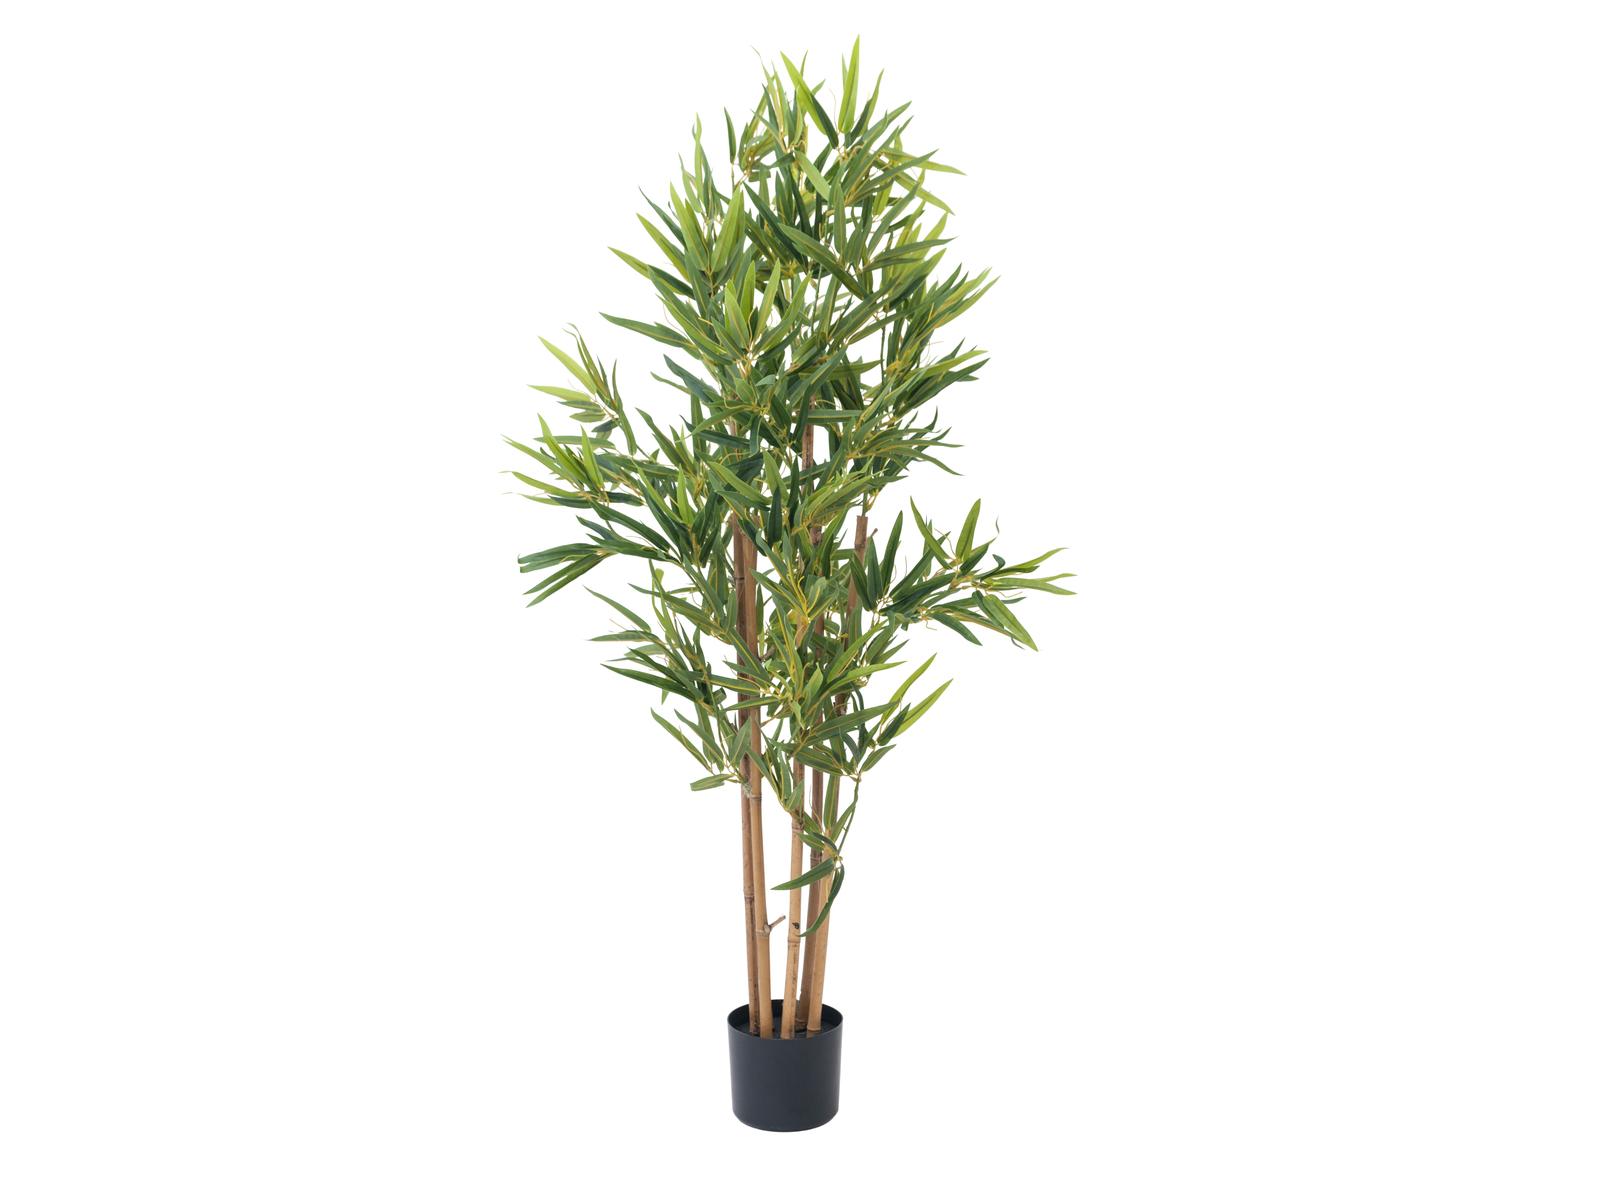 EUROPALMS Bambus deluxe, Kunstpflanze, 120cm